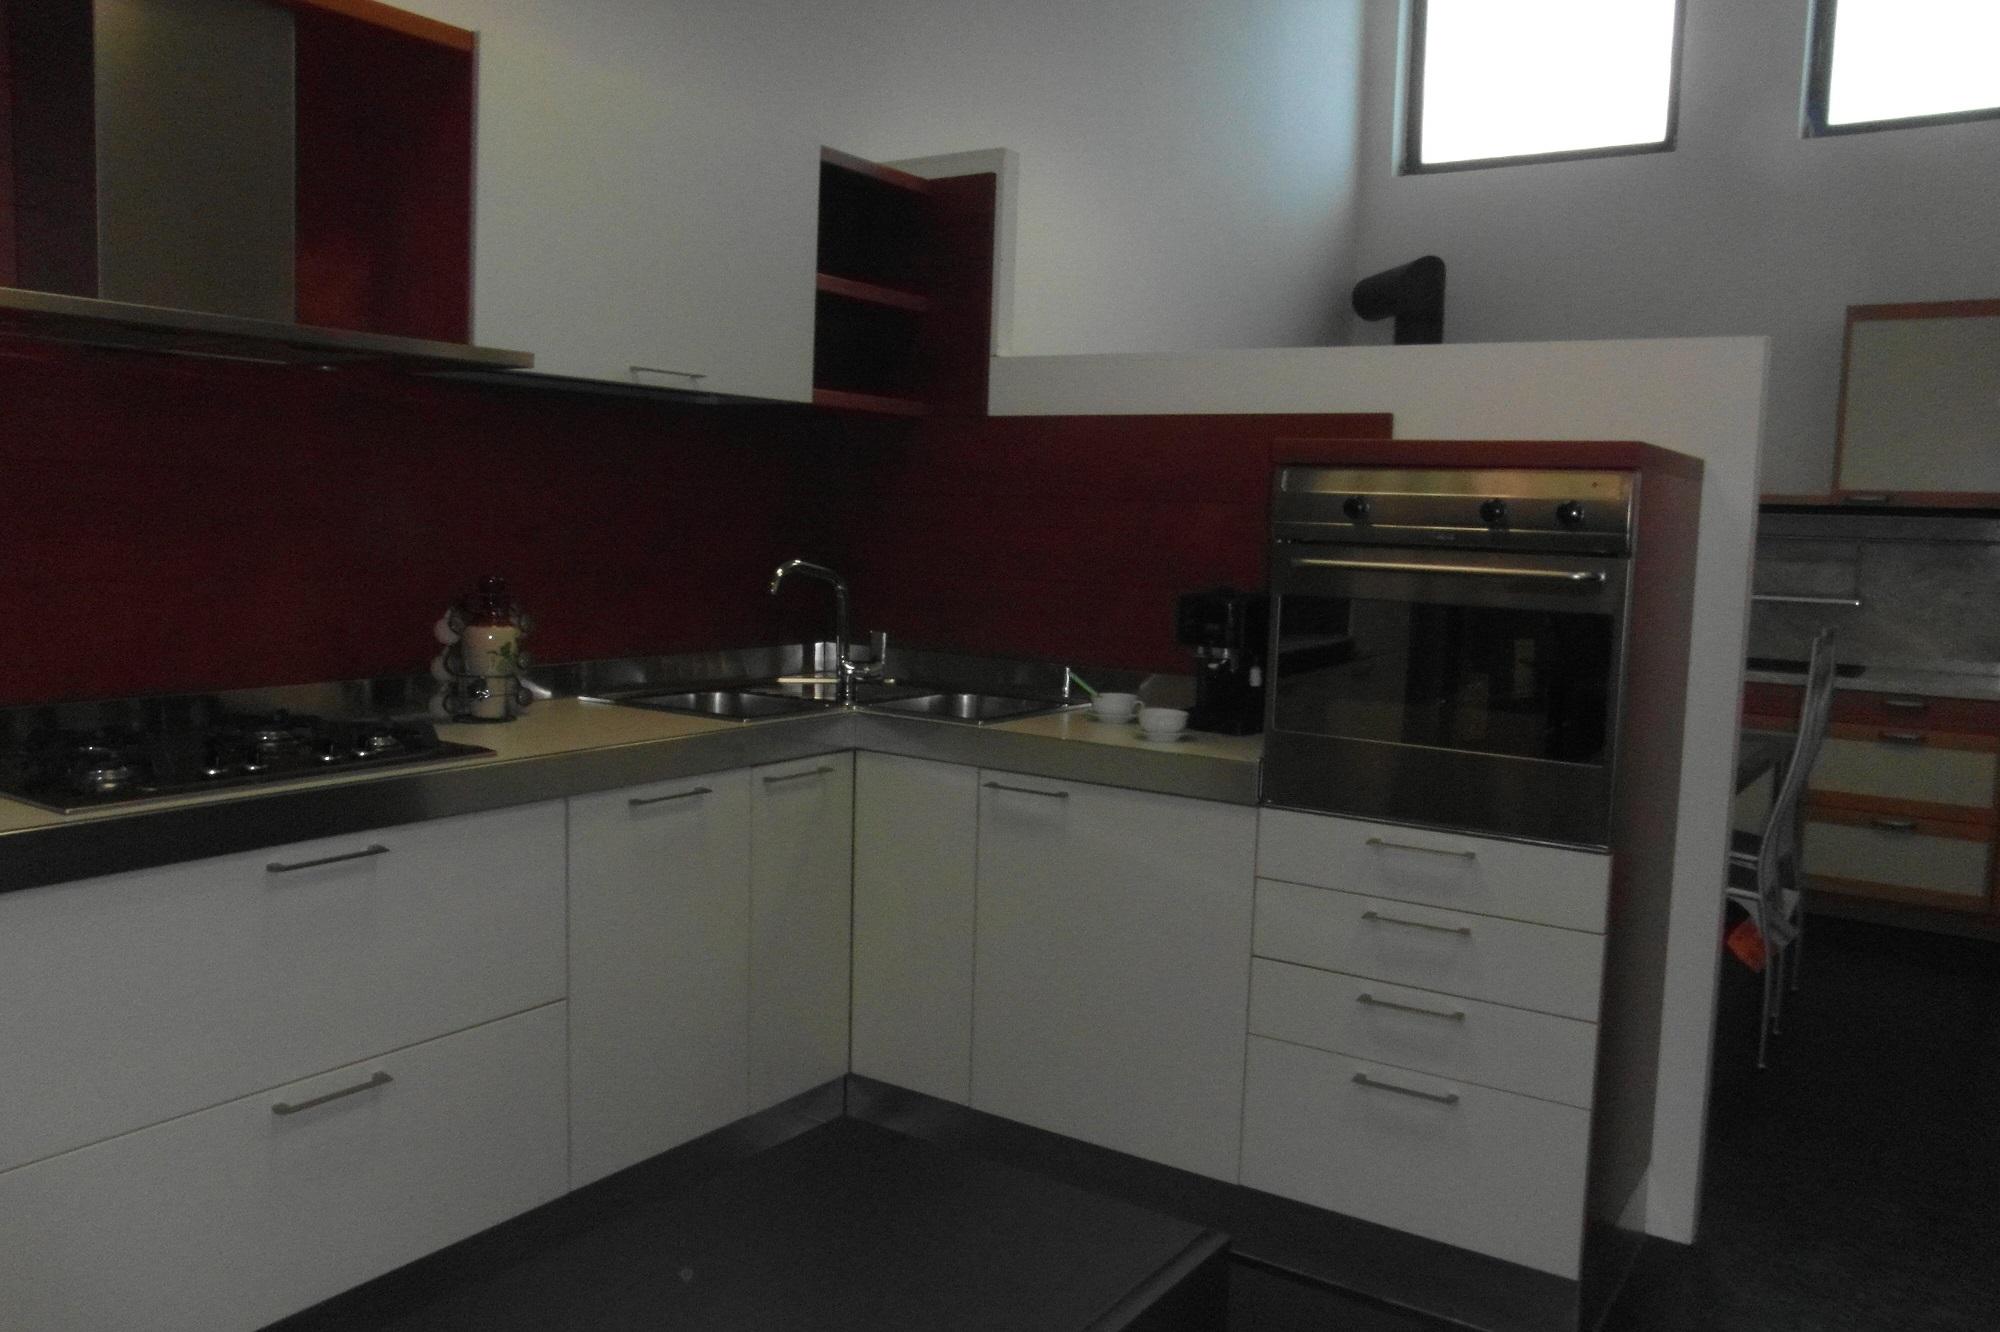 Cucina modulnova milano moon scontato del 61 cucine a - Cucine modulnova prezzi ...